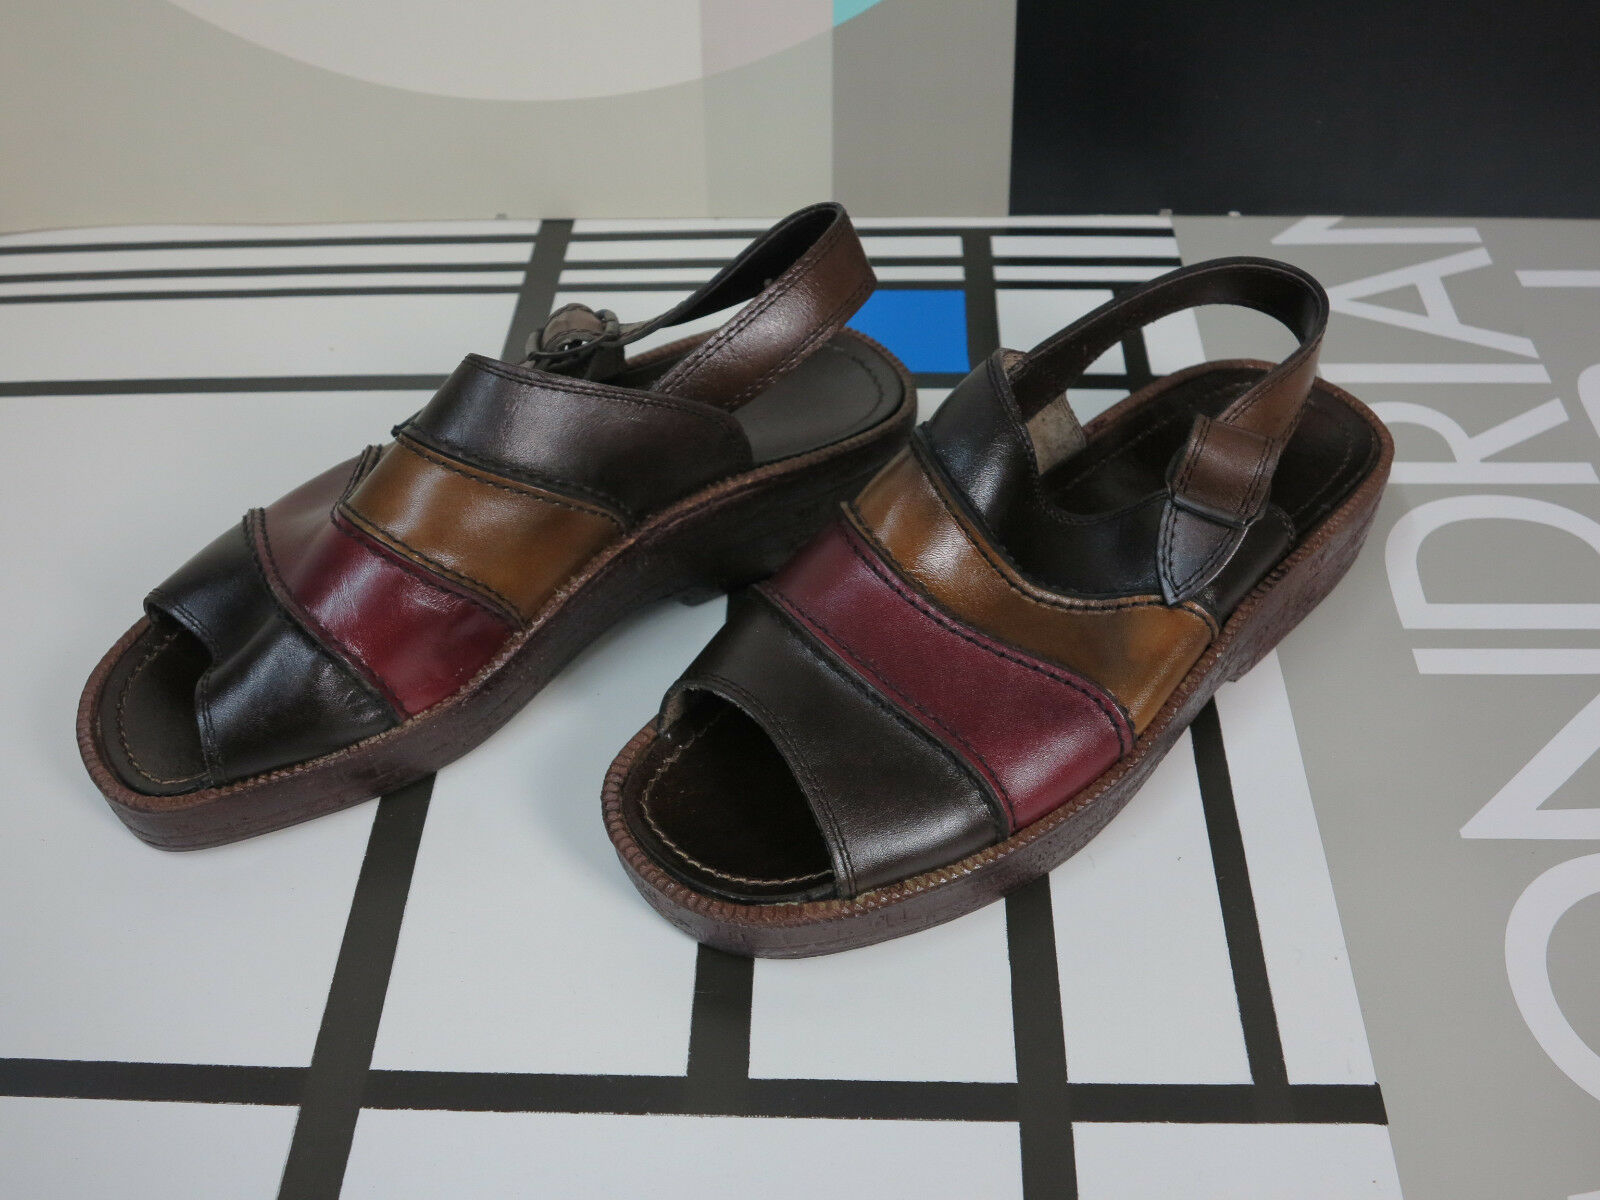 Castello Messieurs Sandale Plateforme 70er truevintage 46 Flops Été Chaussures NOS